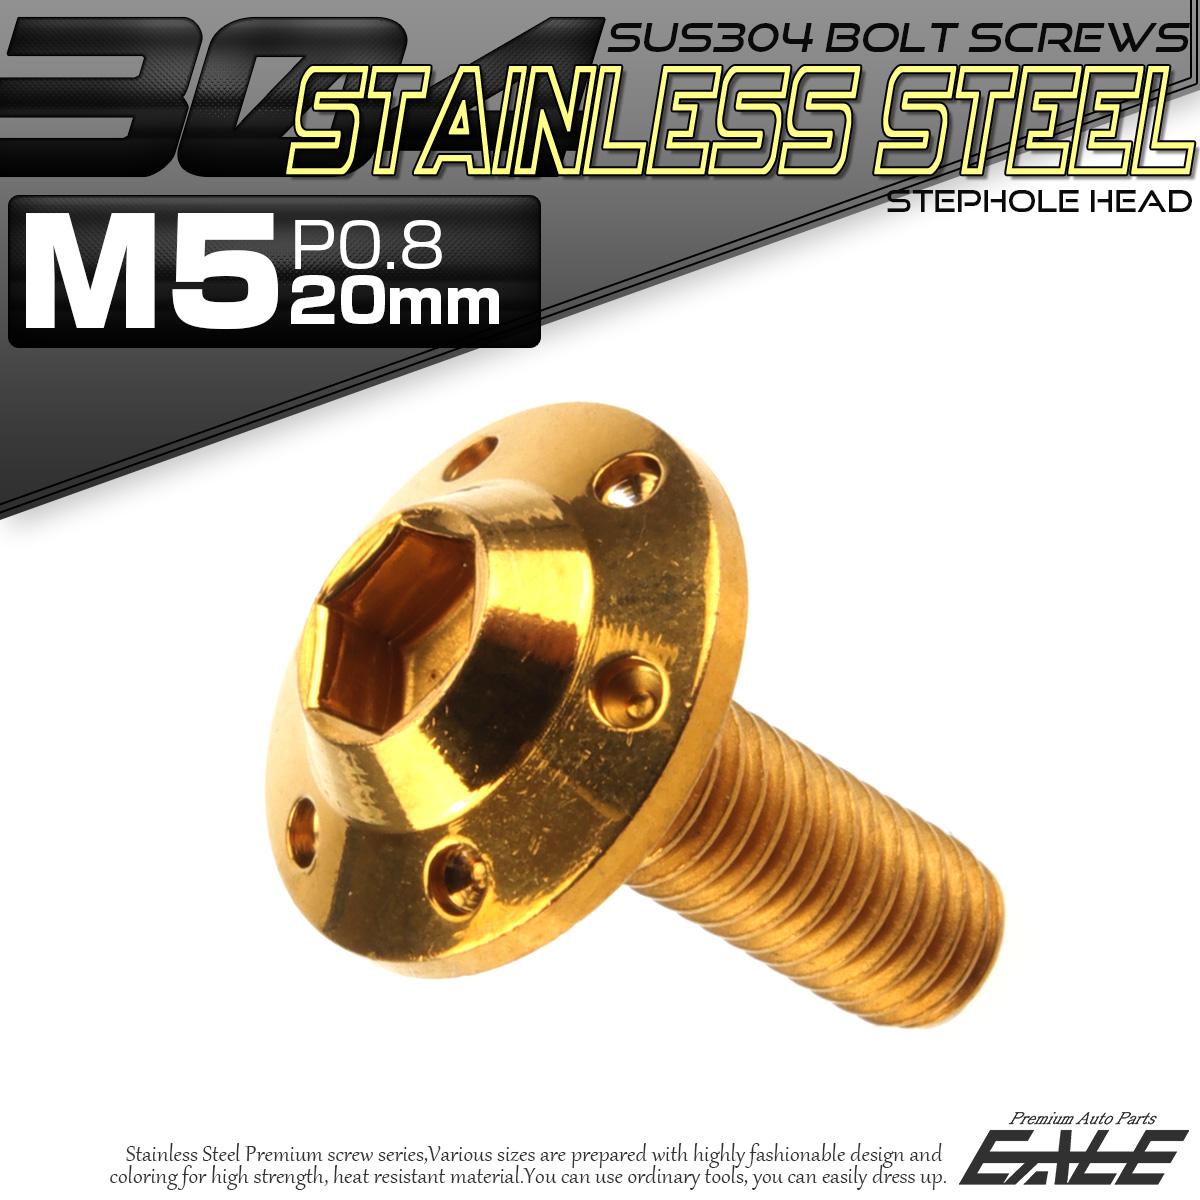 SUS304 フランジ付 ボタンボルト M5×20mm P0.8 六角穴  ゴールド ステップホールヘッド ステンレス製 TR0188